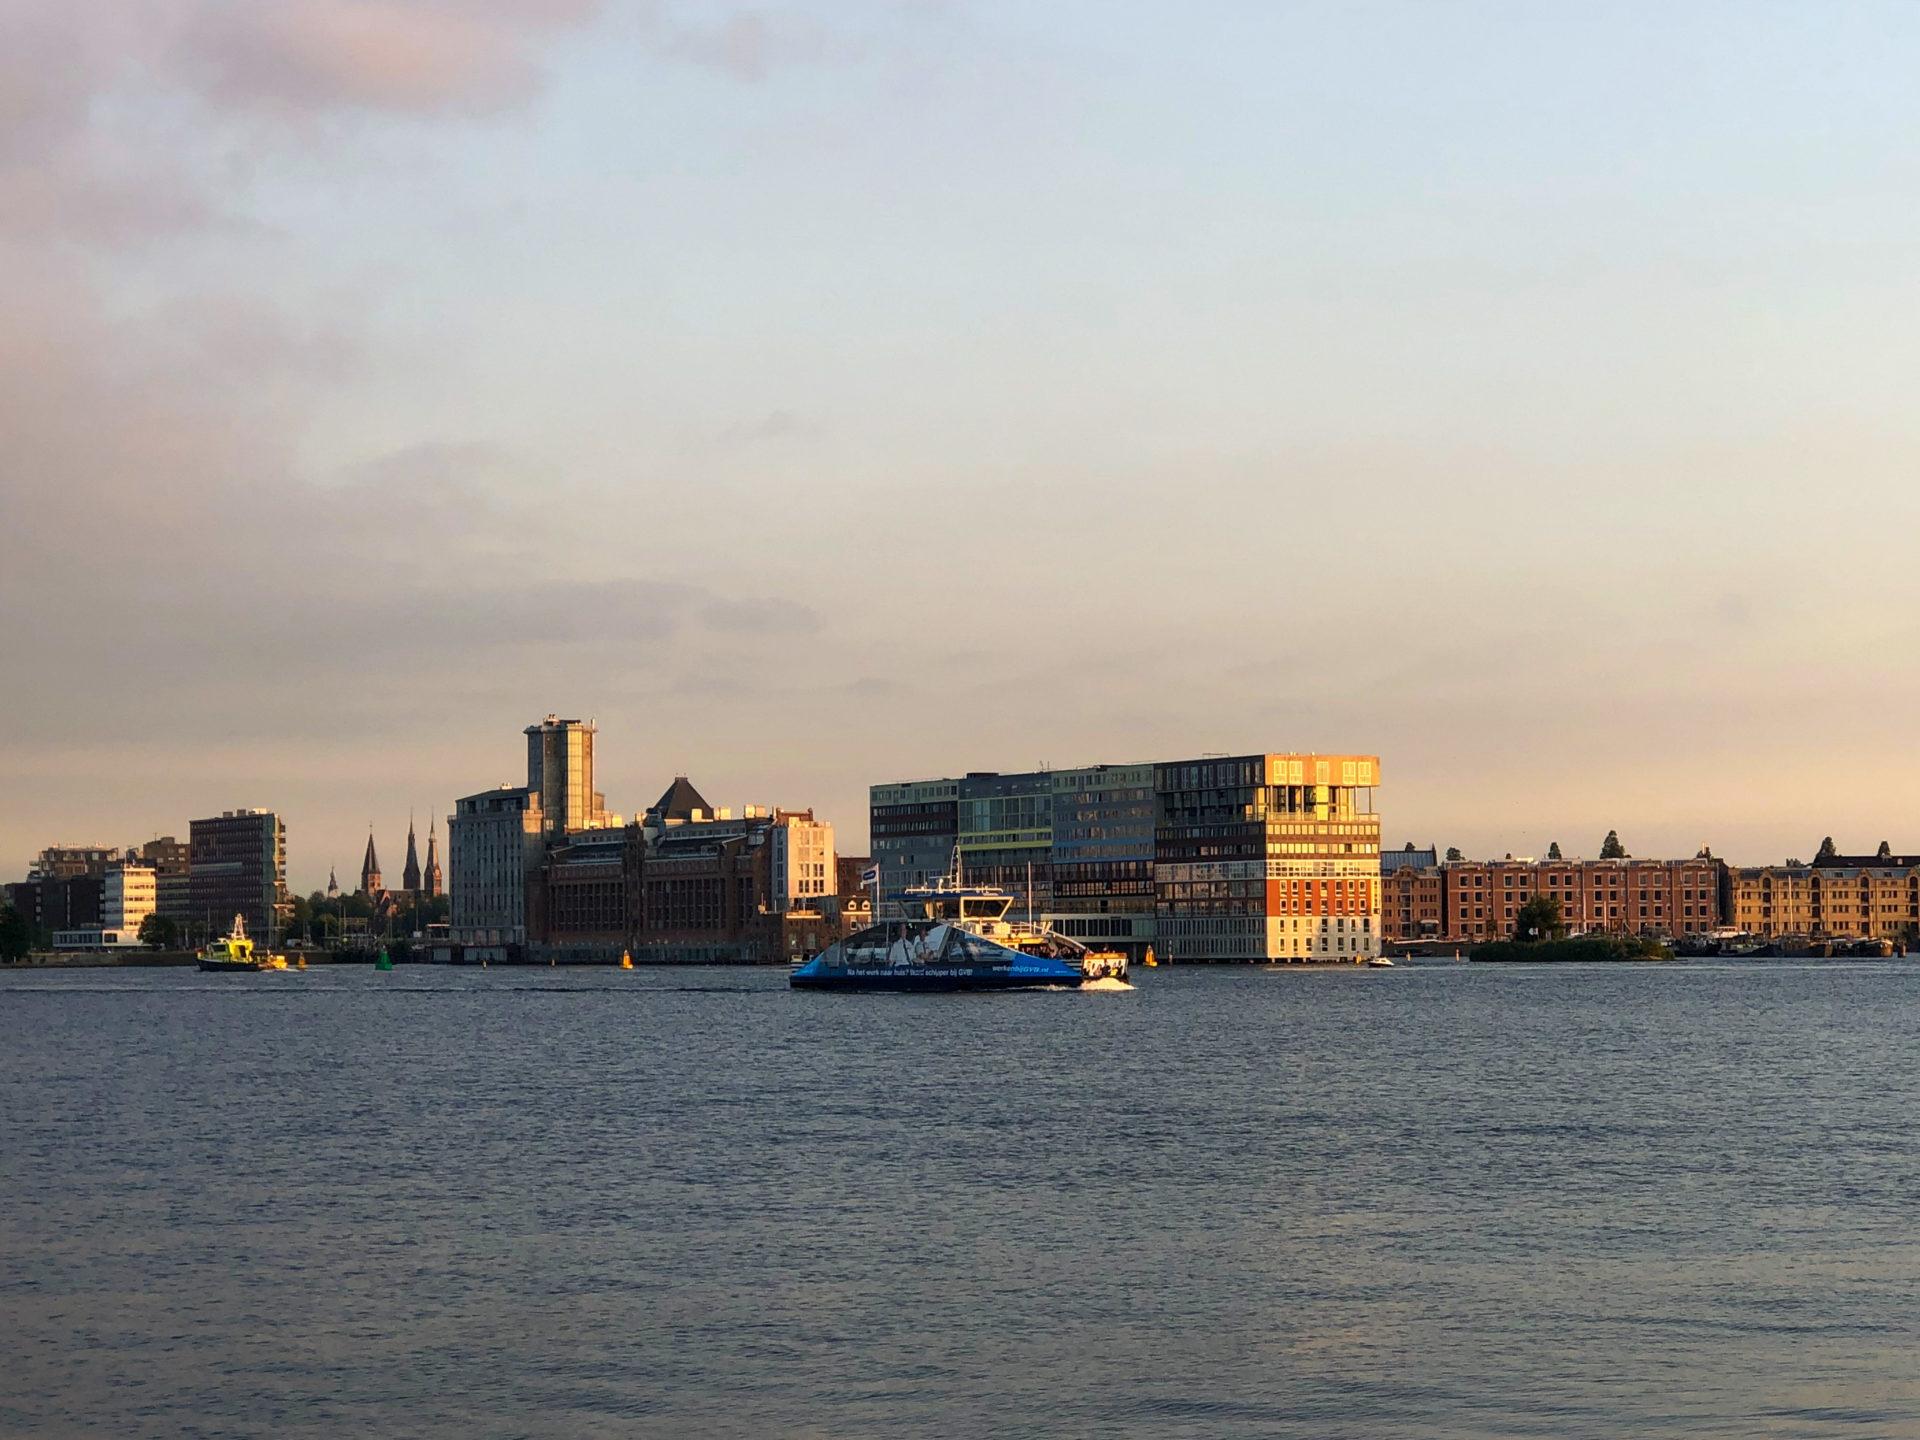 Experimentelle Architektur im coolsten Viertel von Amsterdam beim Sonnenuntergang